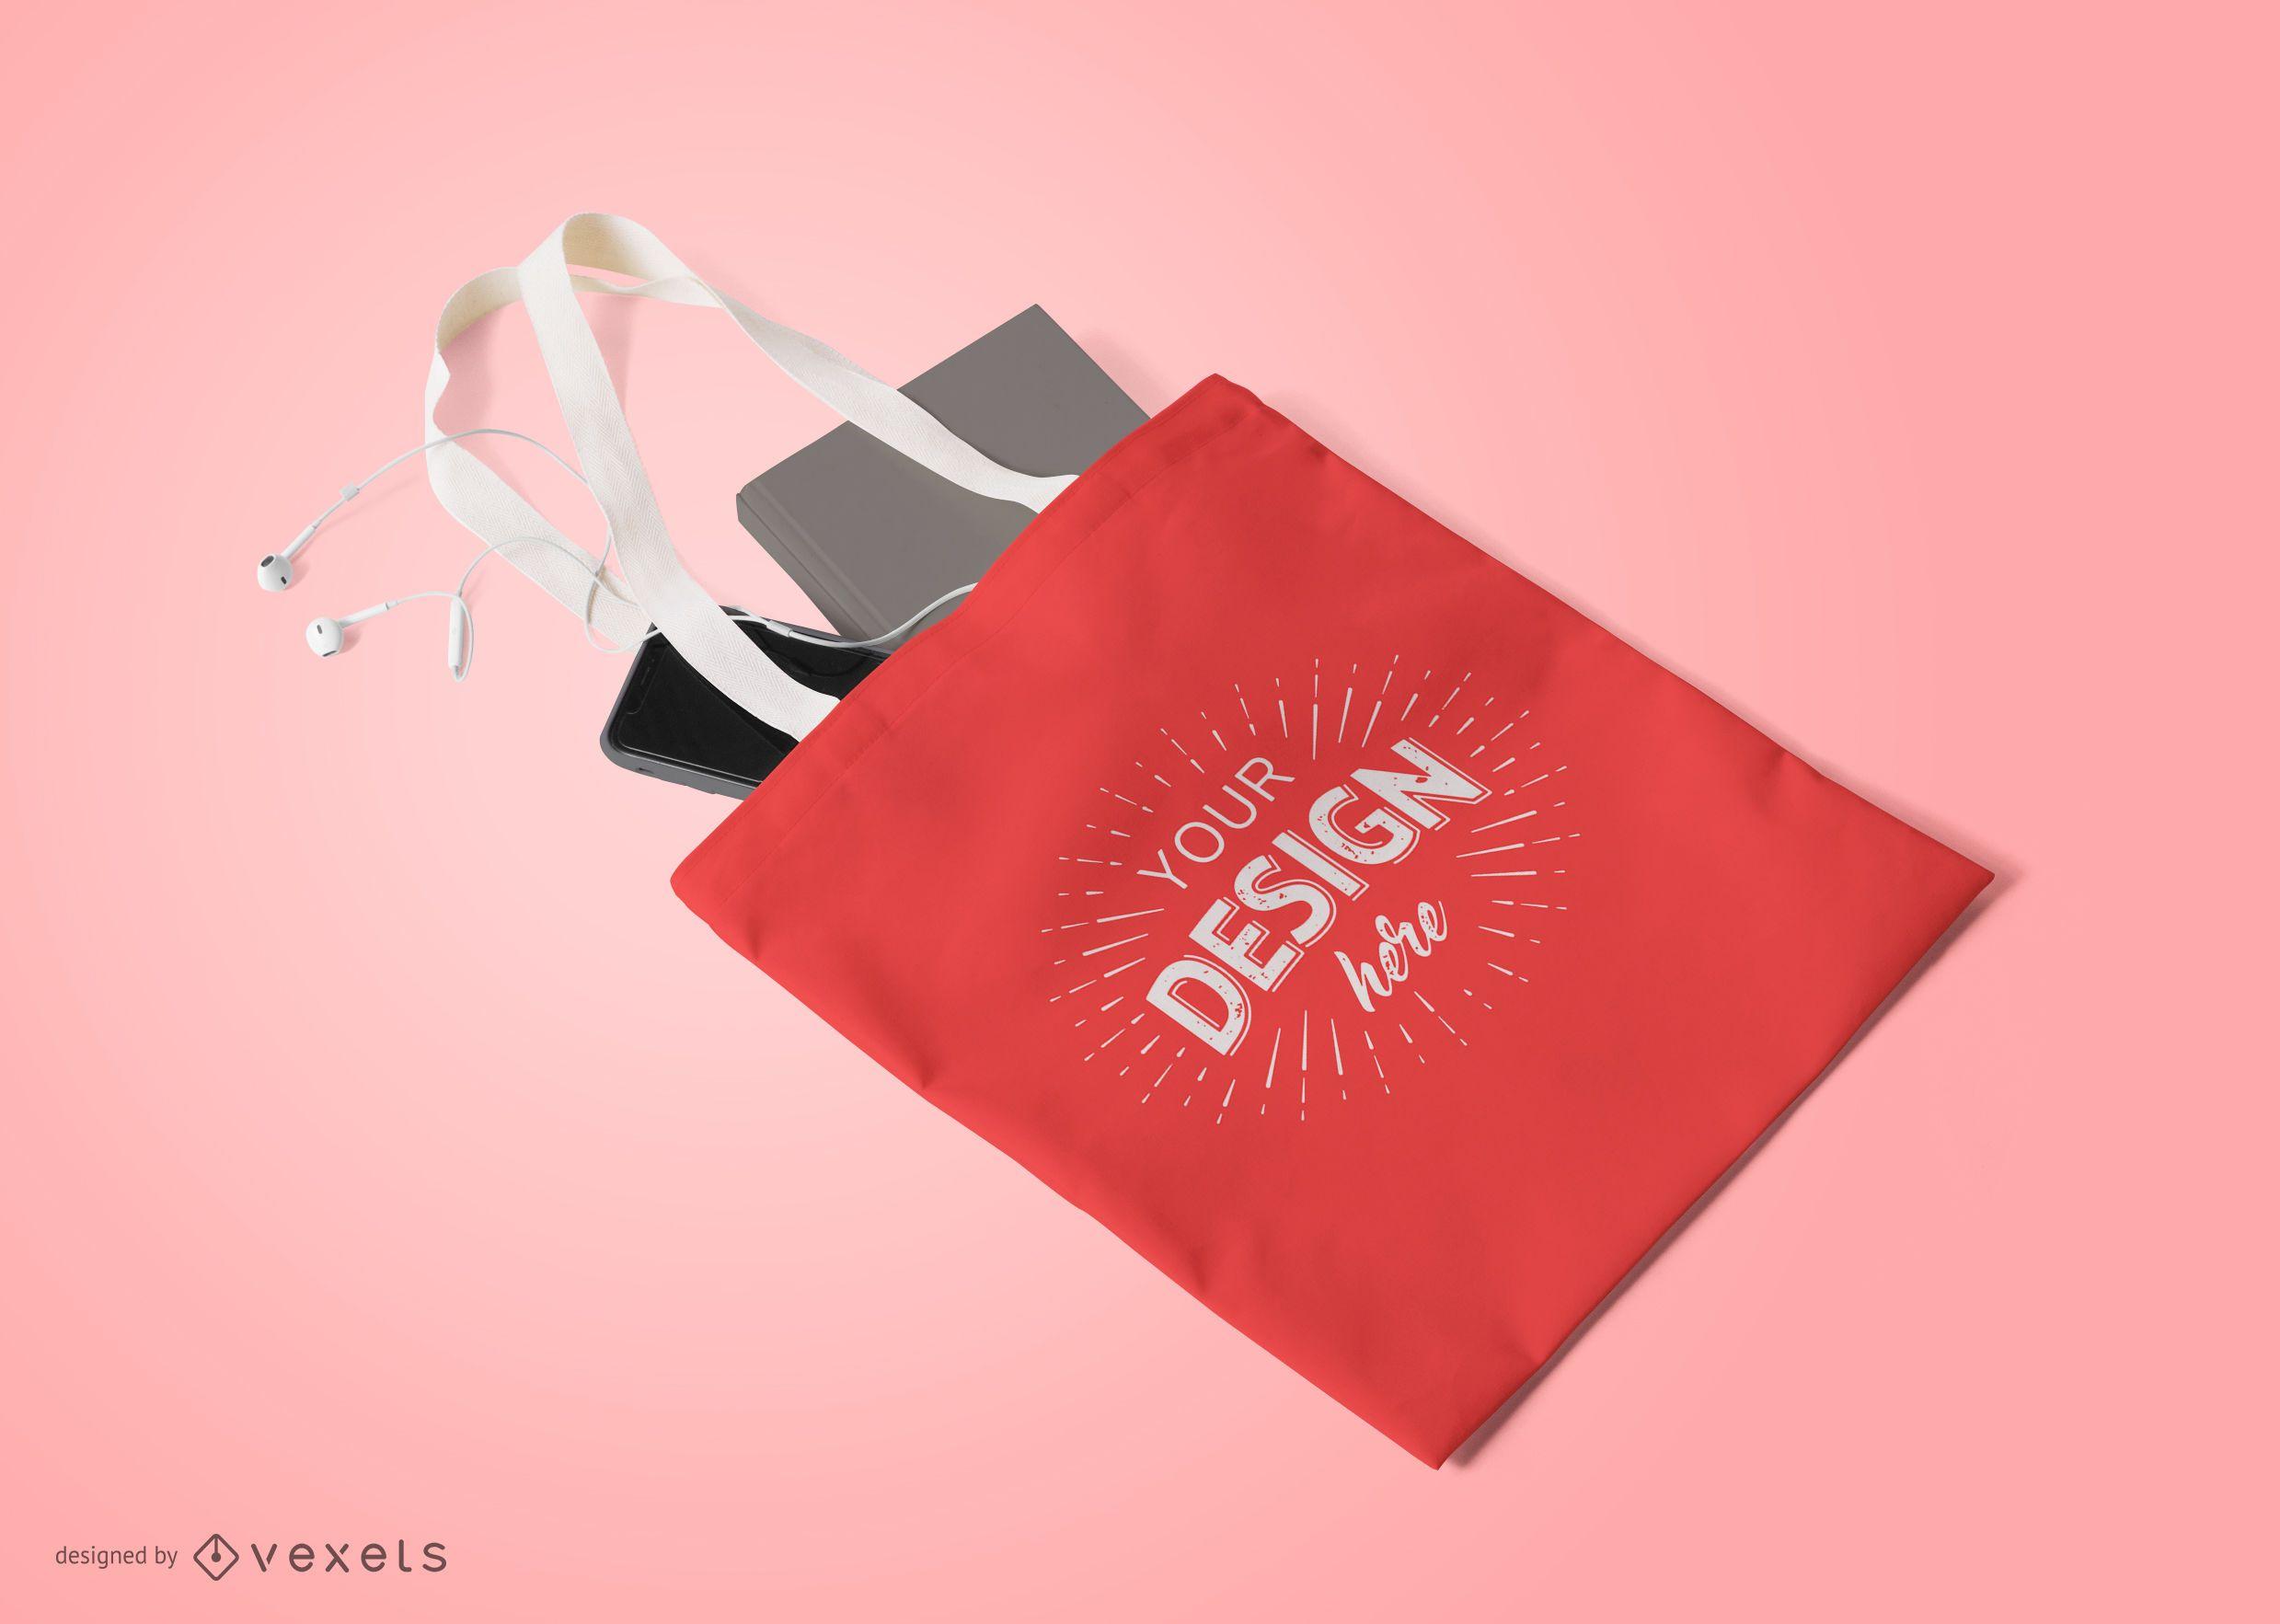 Composição de maquete de sacola